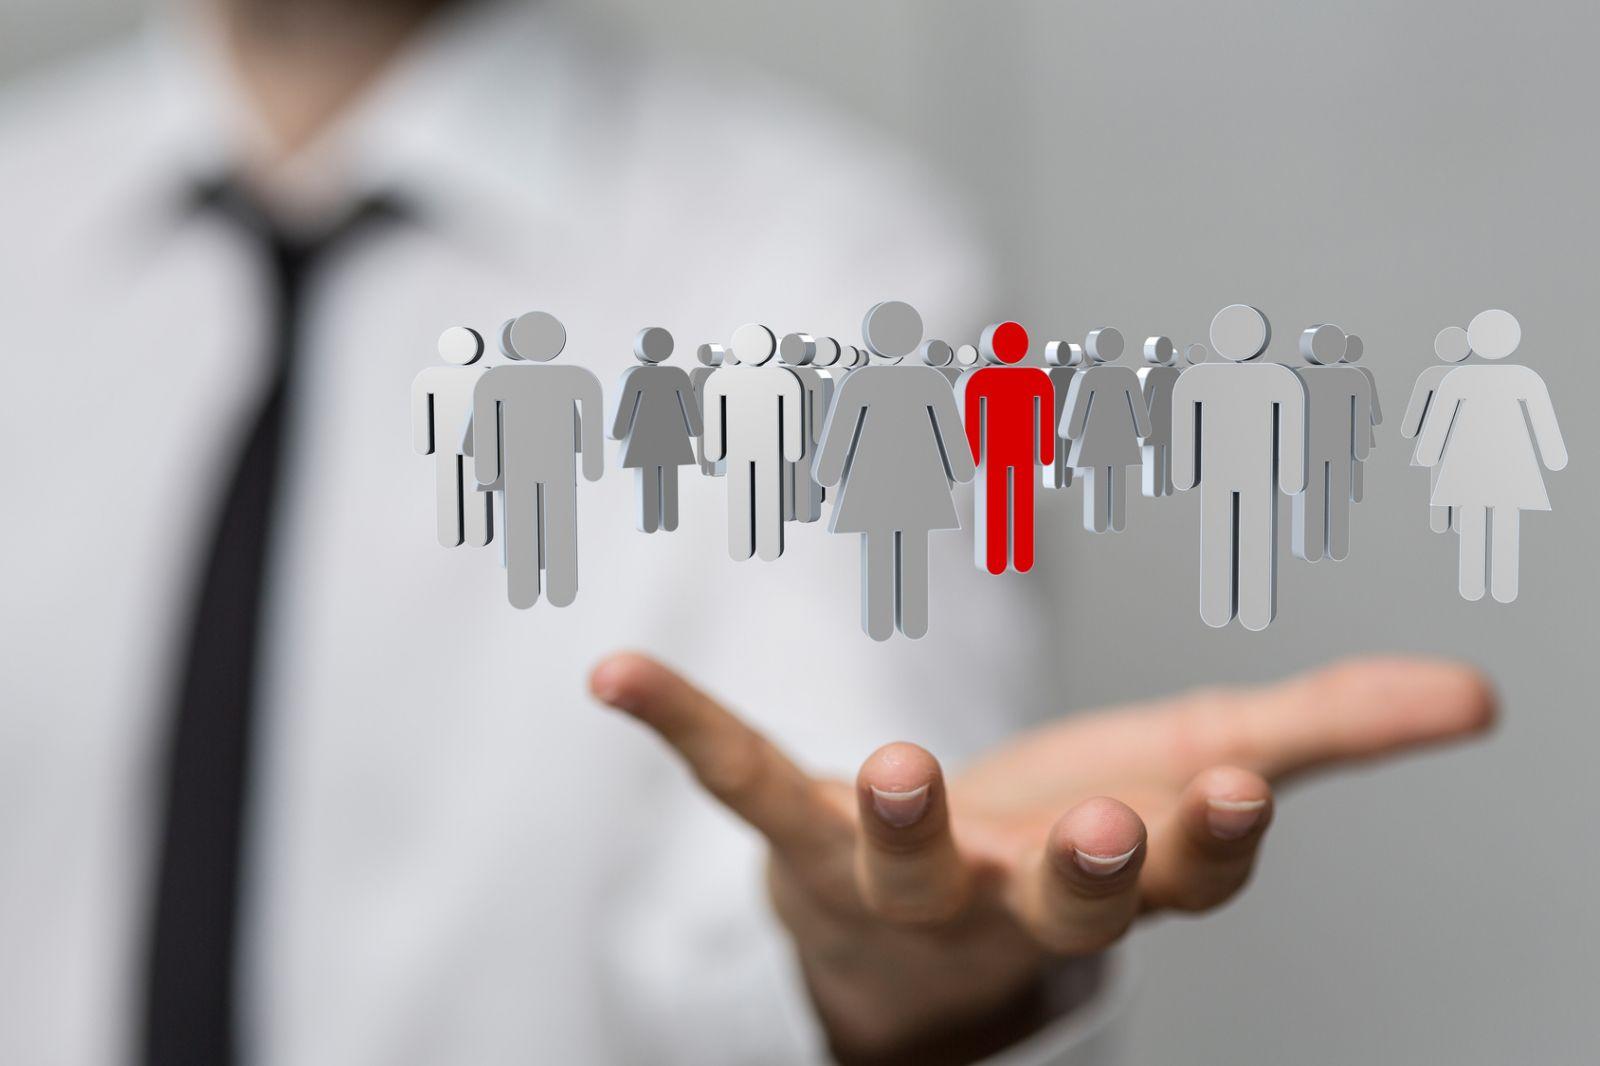 Услуги аутсорсинга и аутстаффинга: ищем различия и выгоду